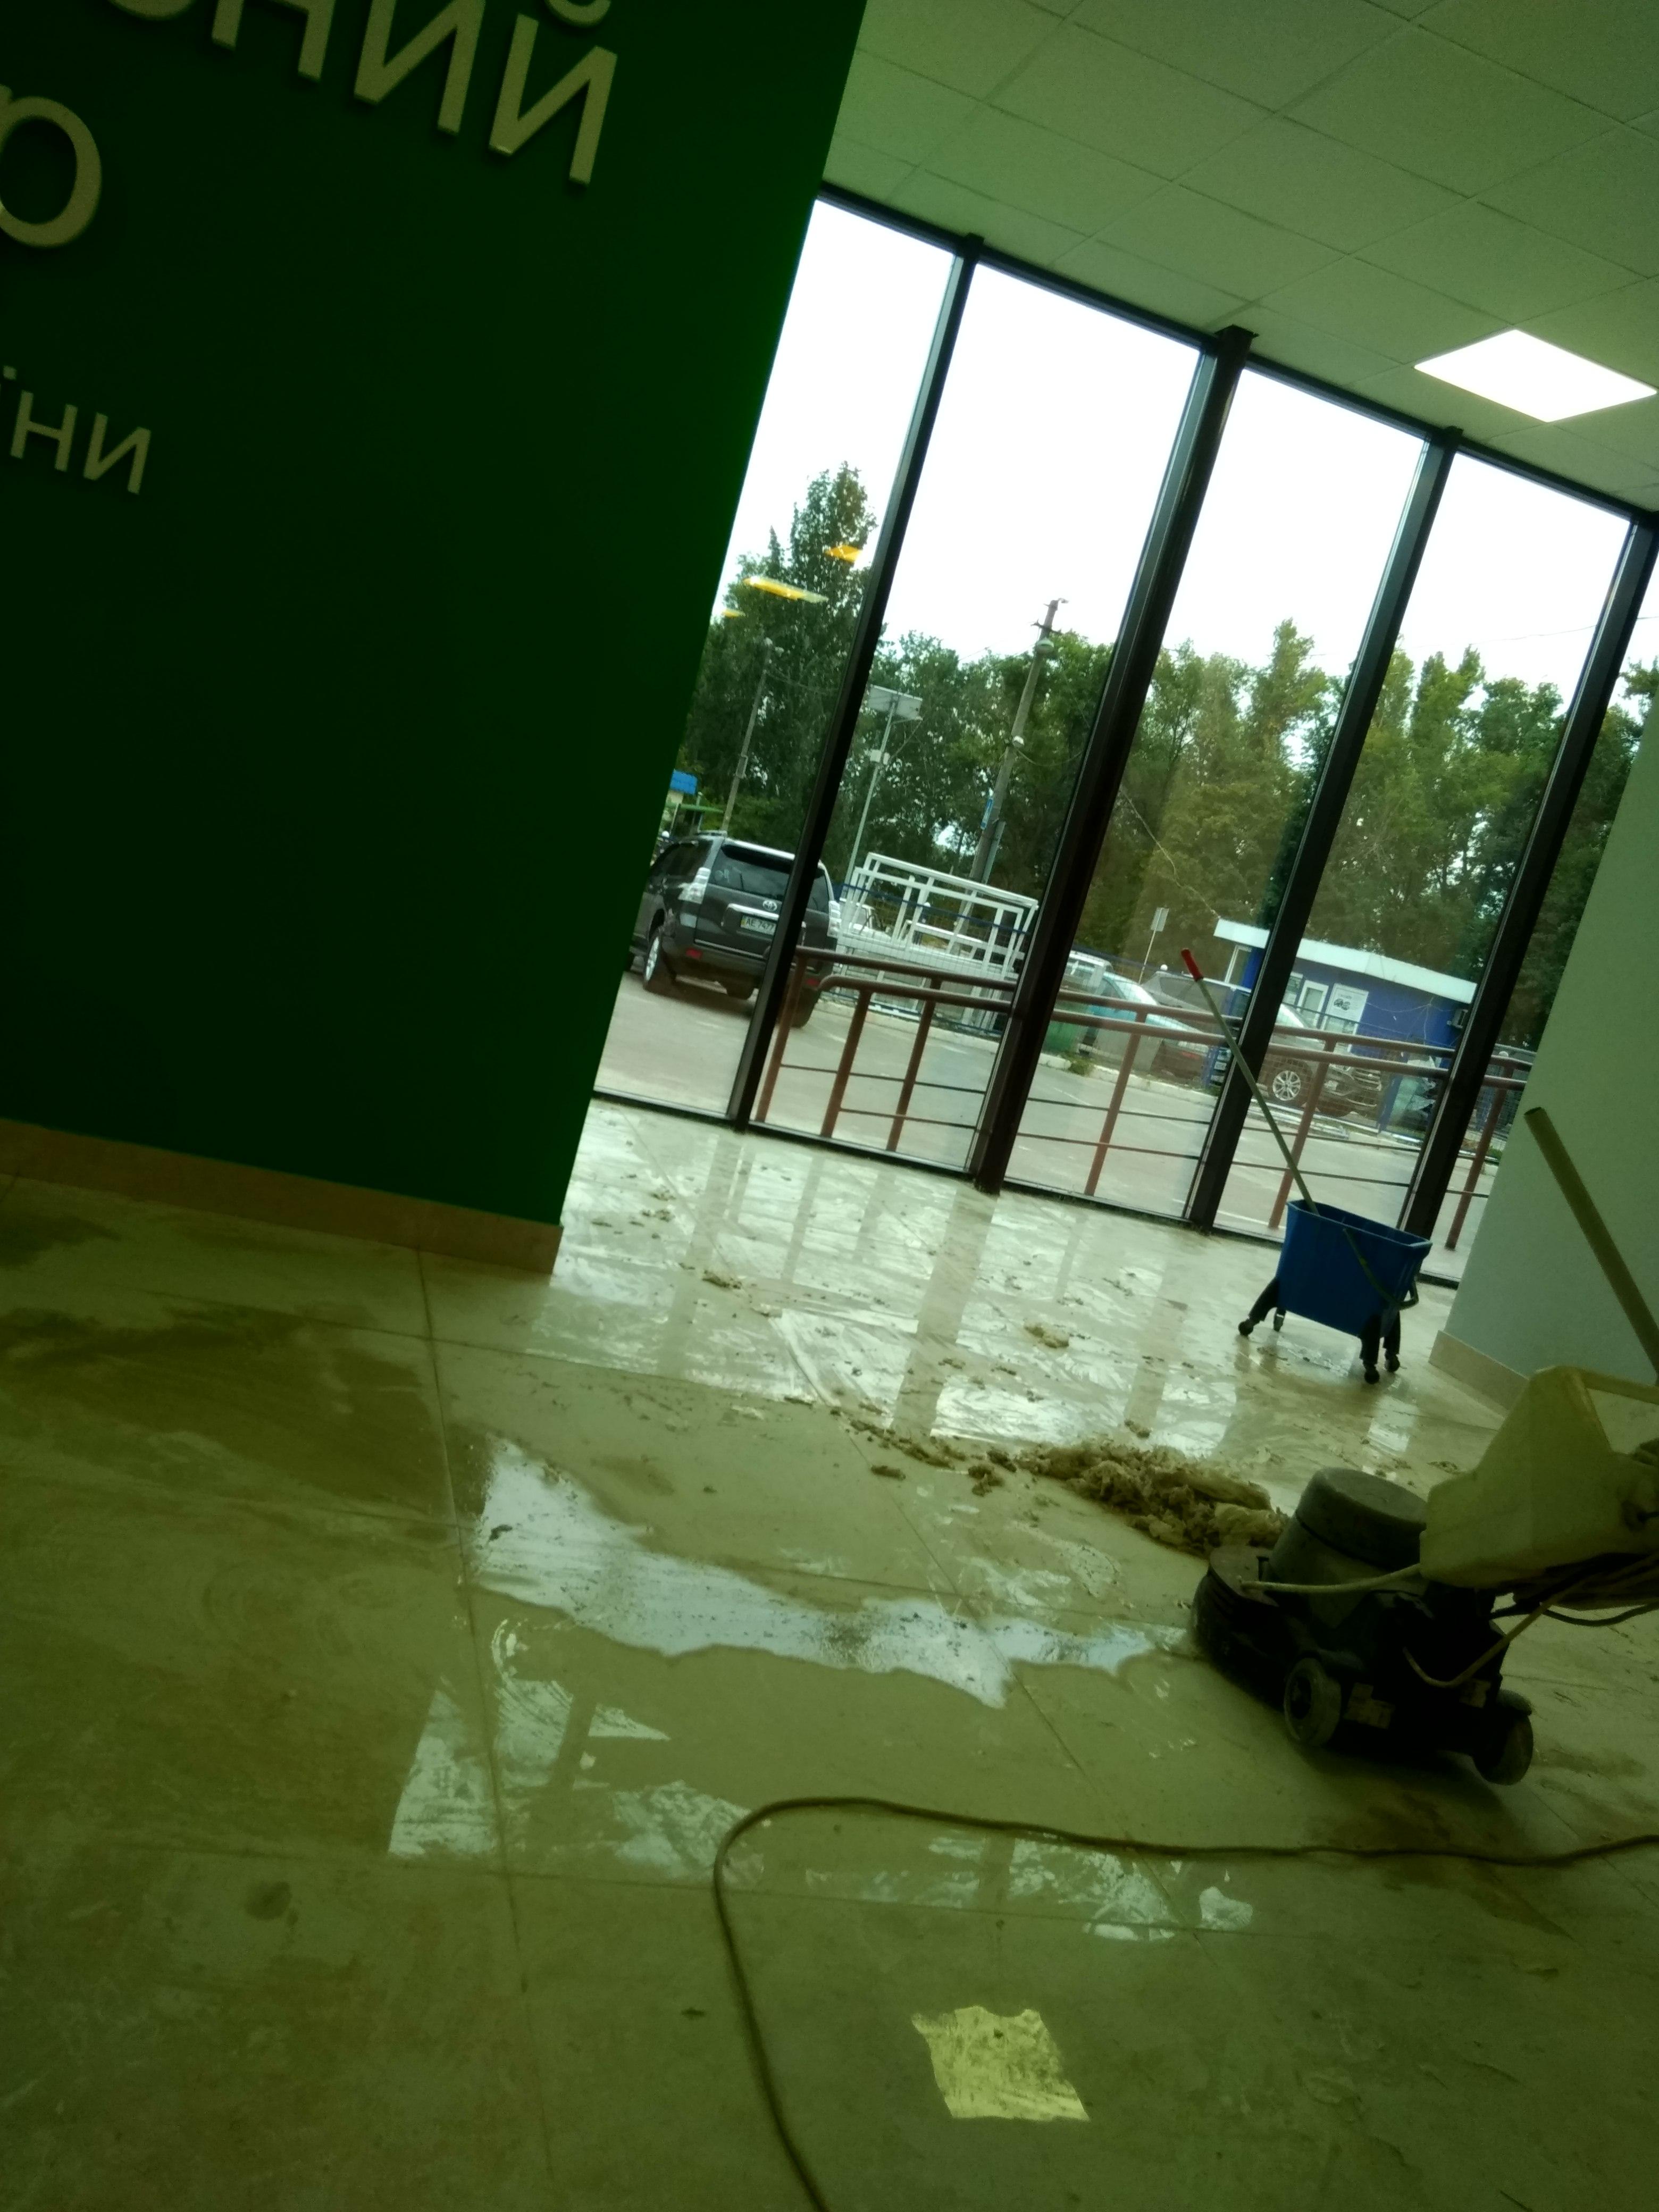 Фото Чистовая ген.уборка гос.предприятия,после капитального ремонта. Было вложено тетоничский труд и произведен огромный спектр работ- на протяжении 3 дней.